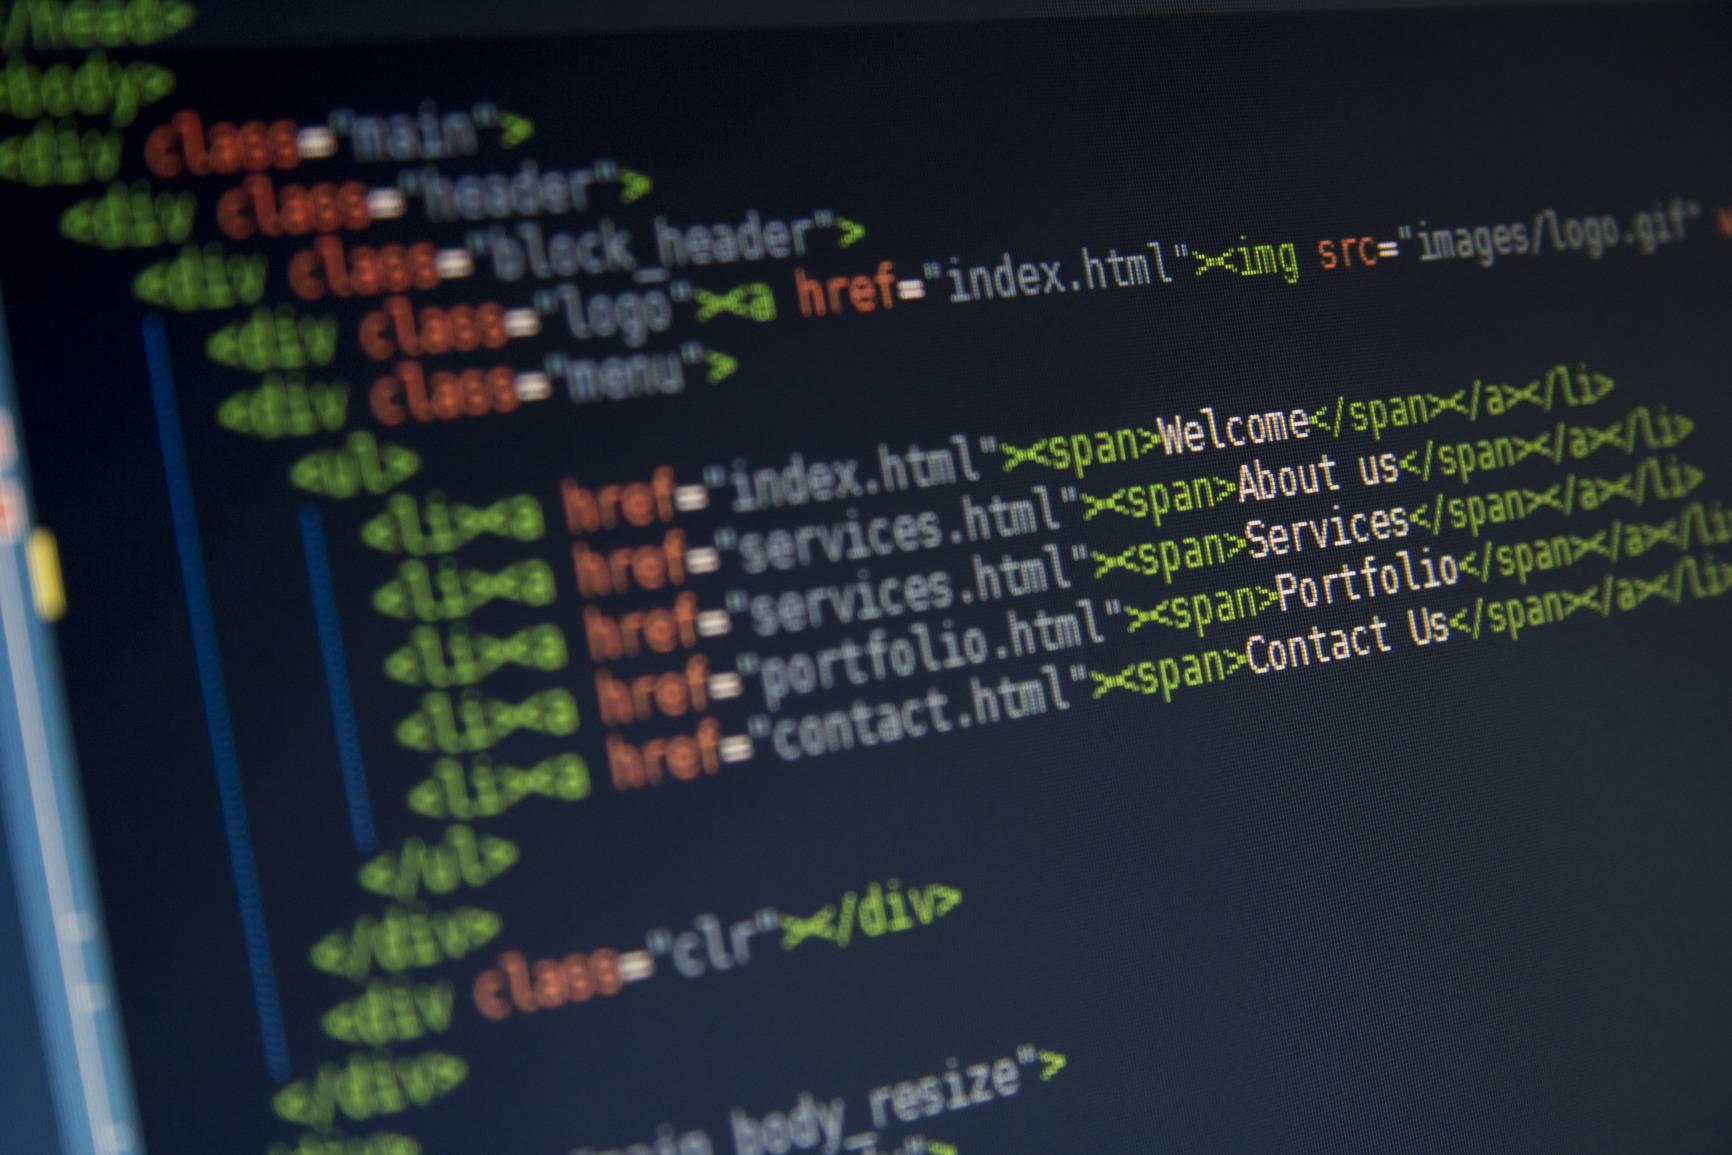 剑桥与微软提交ICLR 2017论文提出DeepCoder:组合其它程序代码生成新程序